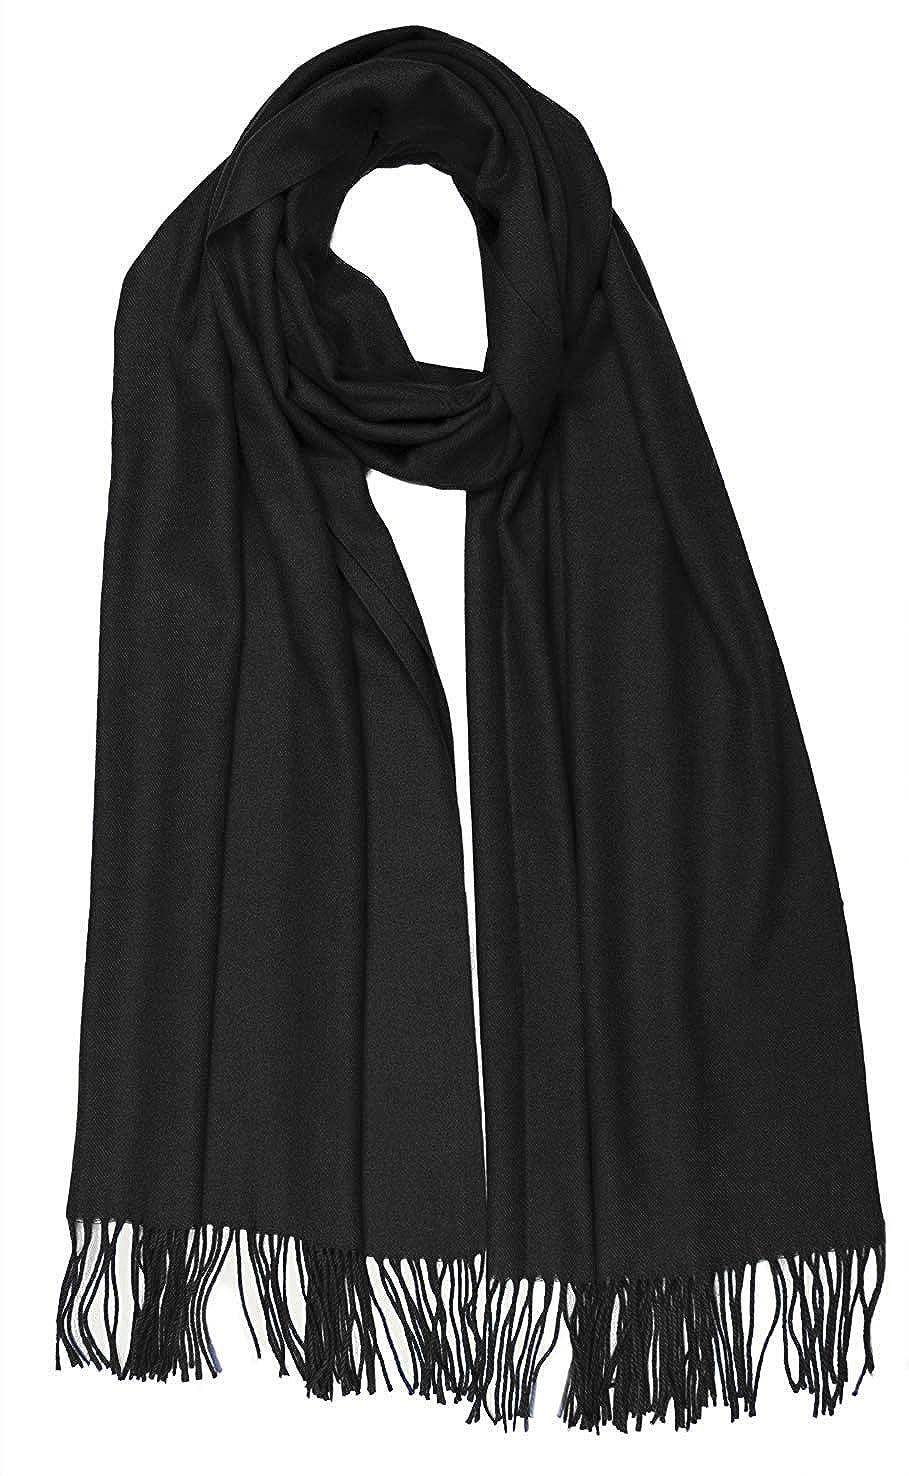 Black Women Solid Soft Cashmere Feel Shawl Wrap Scarf